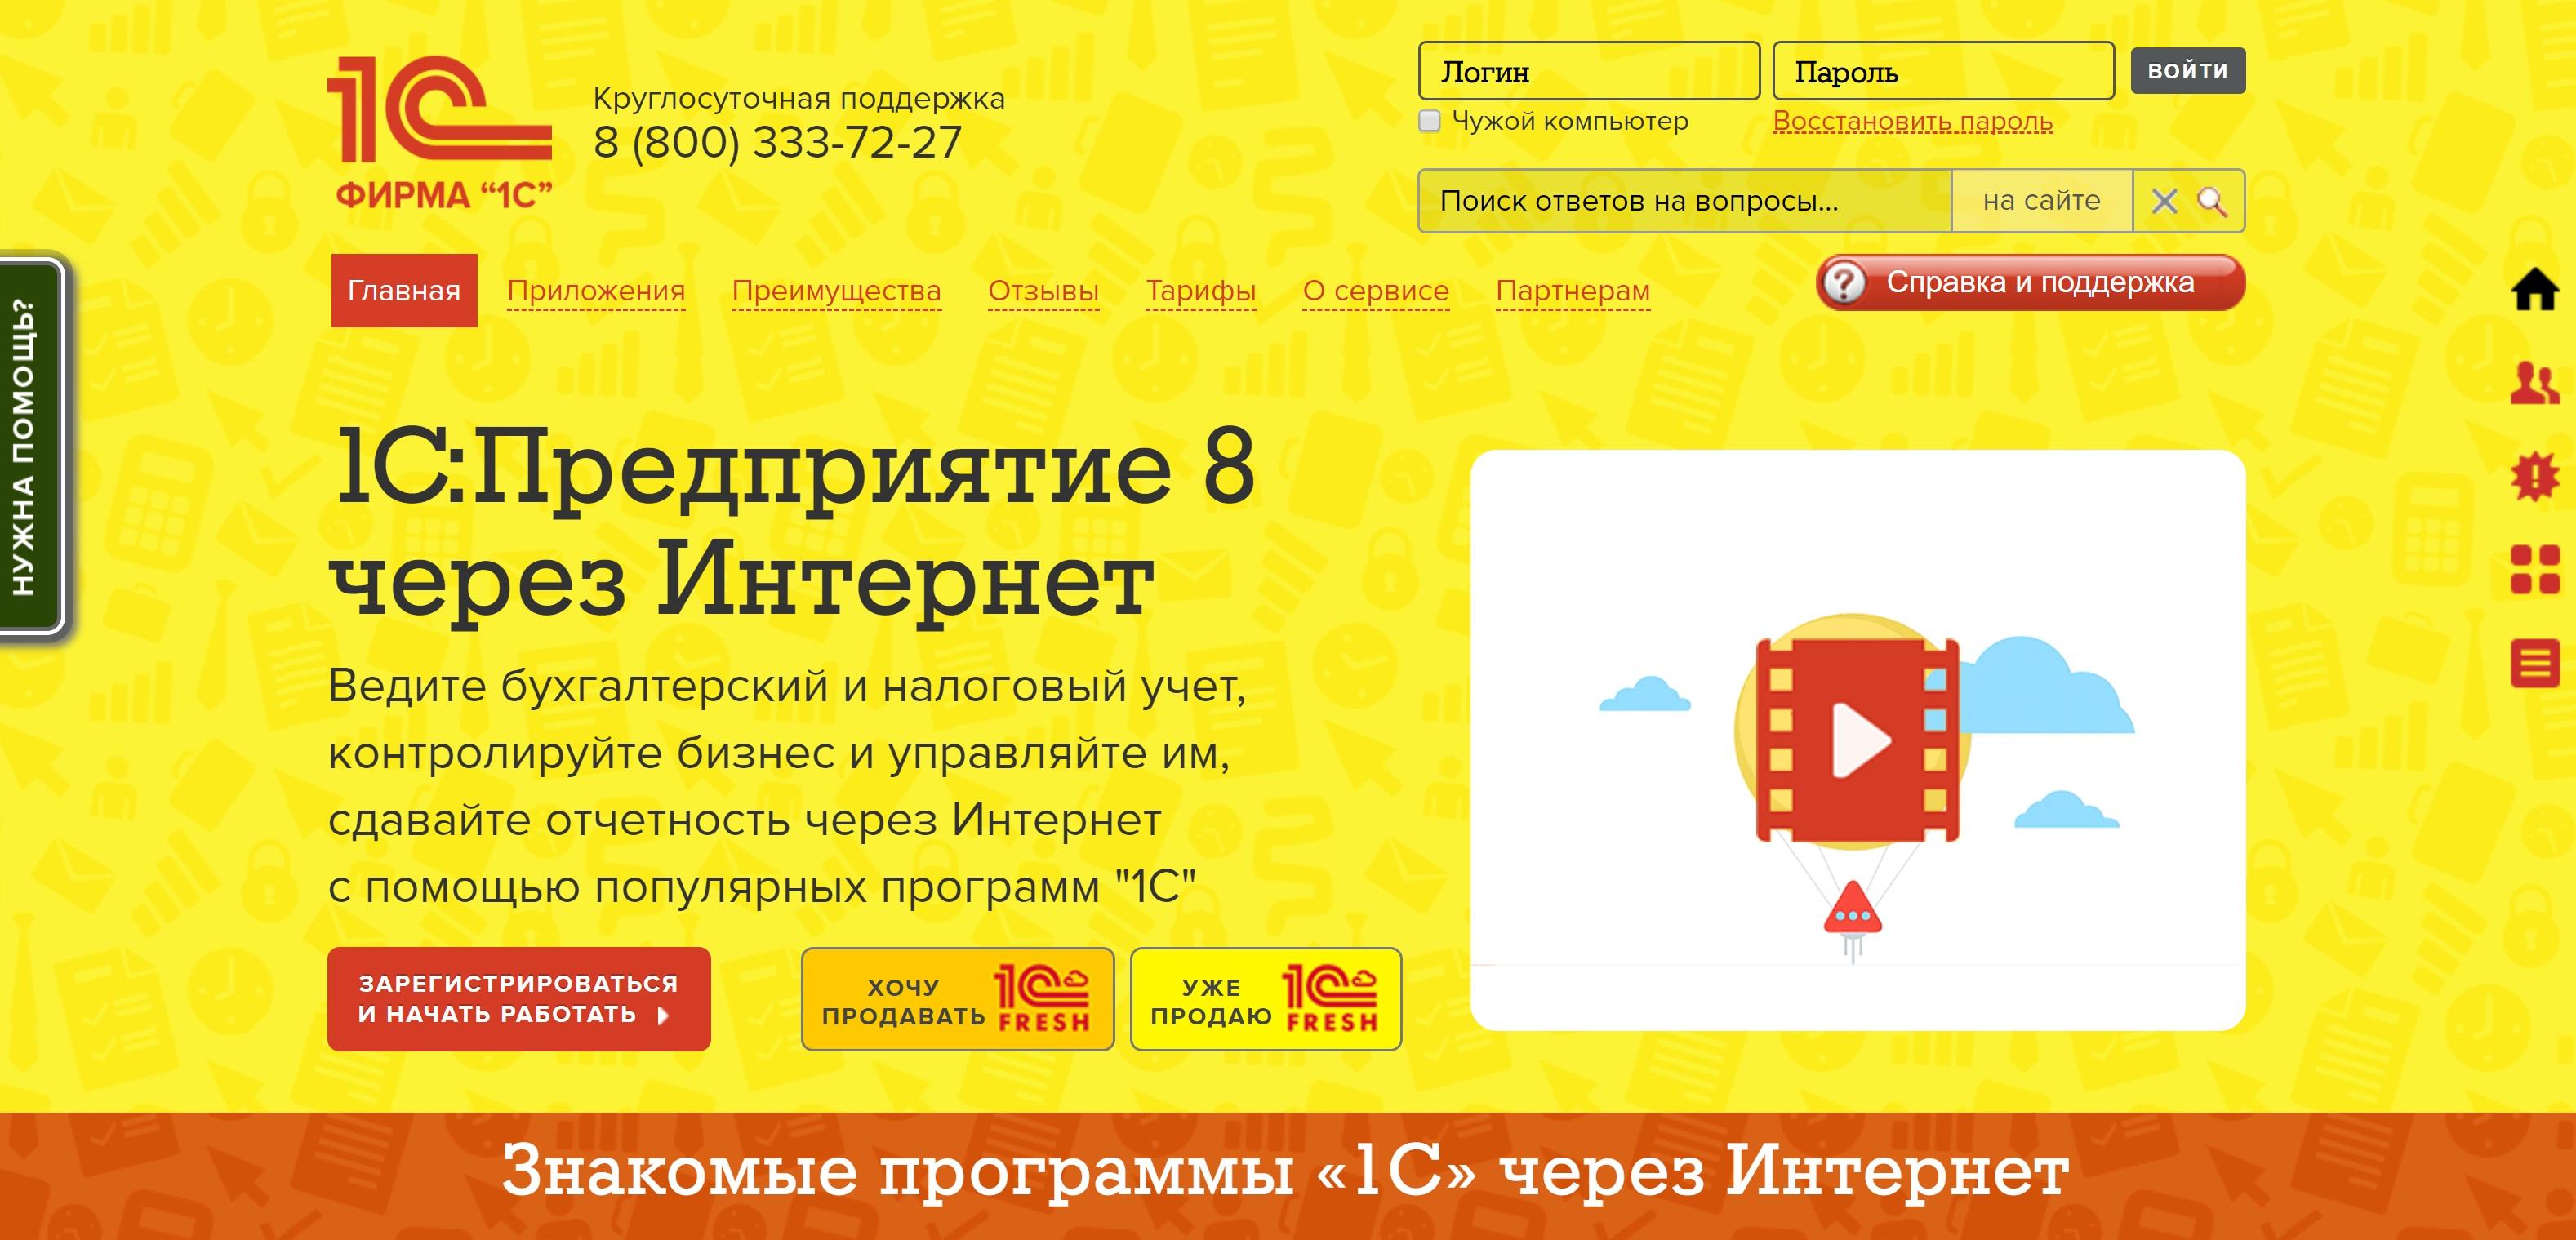 1с онлайн бухгалтерия бесплатно поработать ип действует с момента регистрации